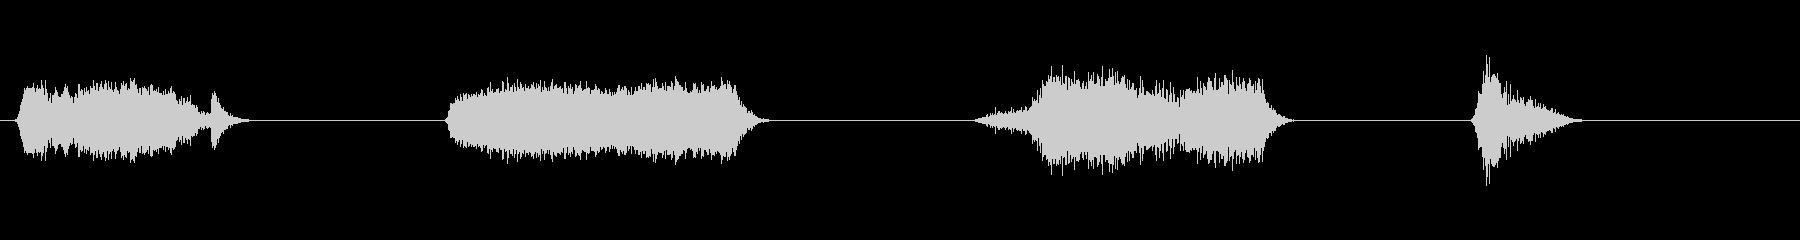 モンスターロア、動物2の未再生の波形